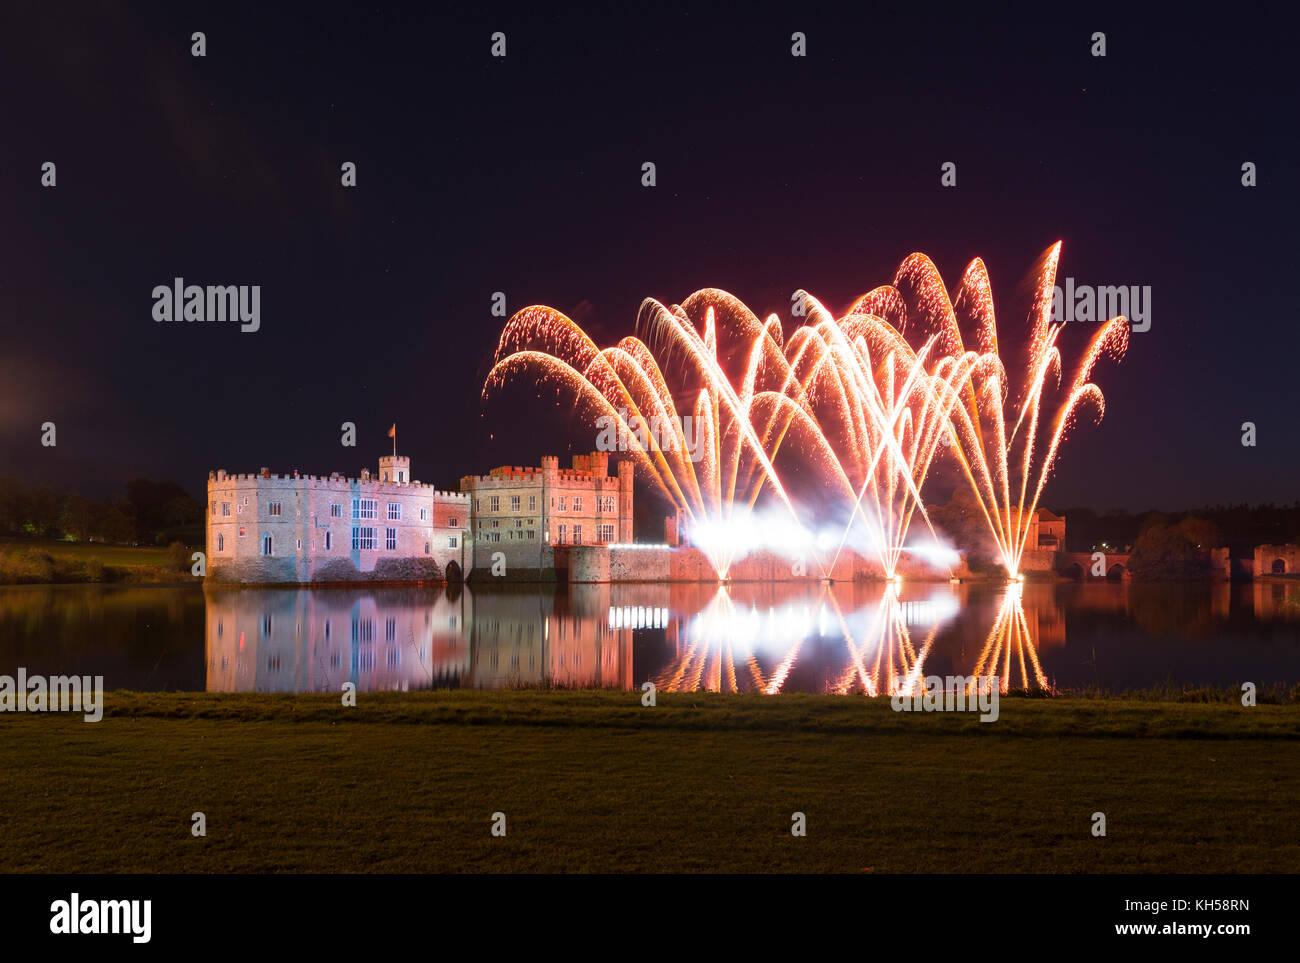 Fuochi d'artificio e luce mostra al Castello di Leeds, Kent Immagini Stock